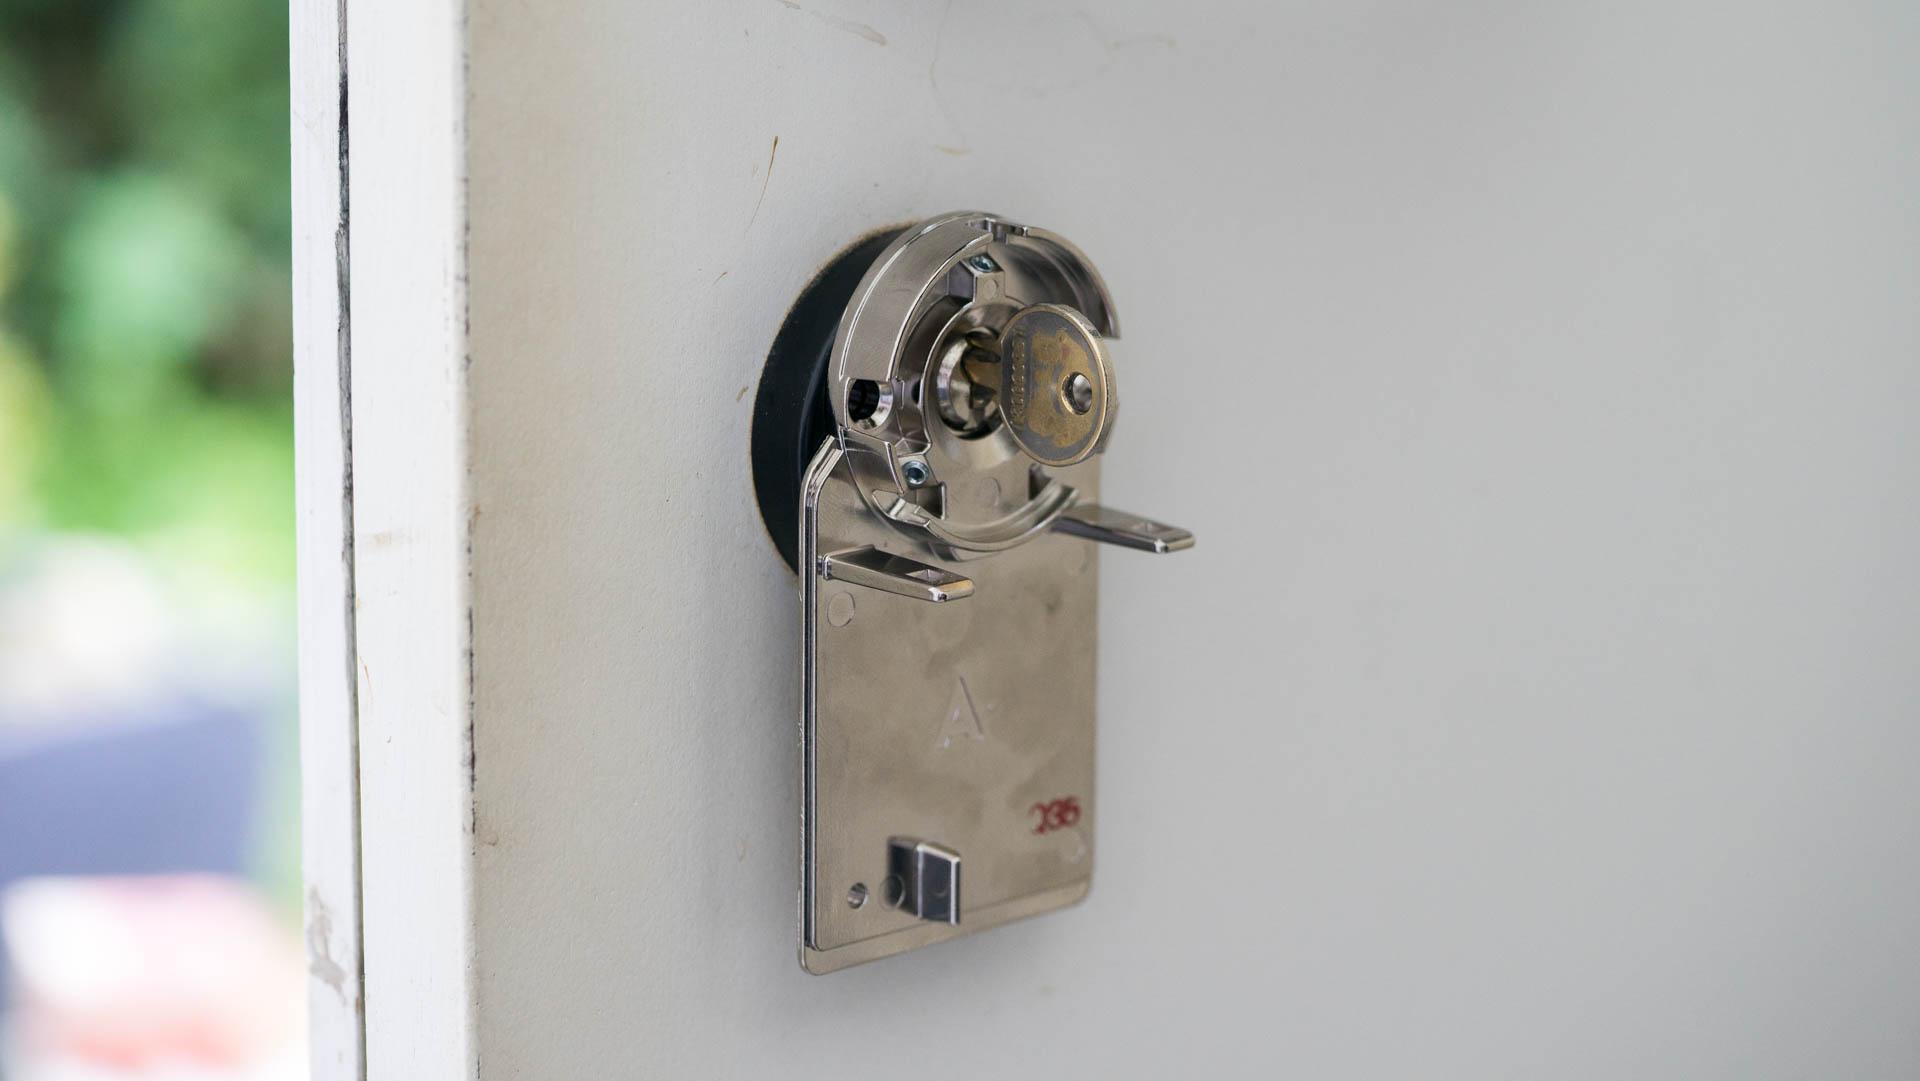 das nuki smart lock im test, bluetooth haustürschloss mit